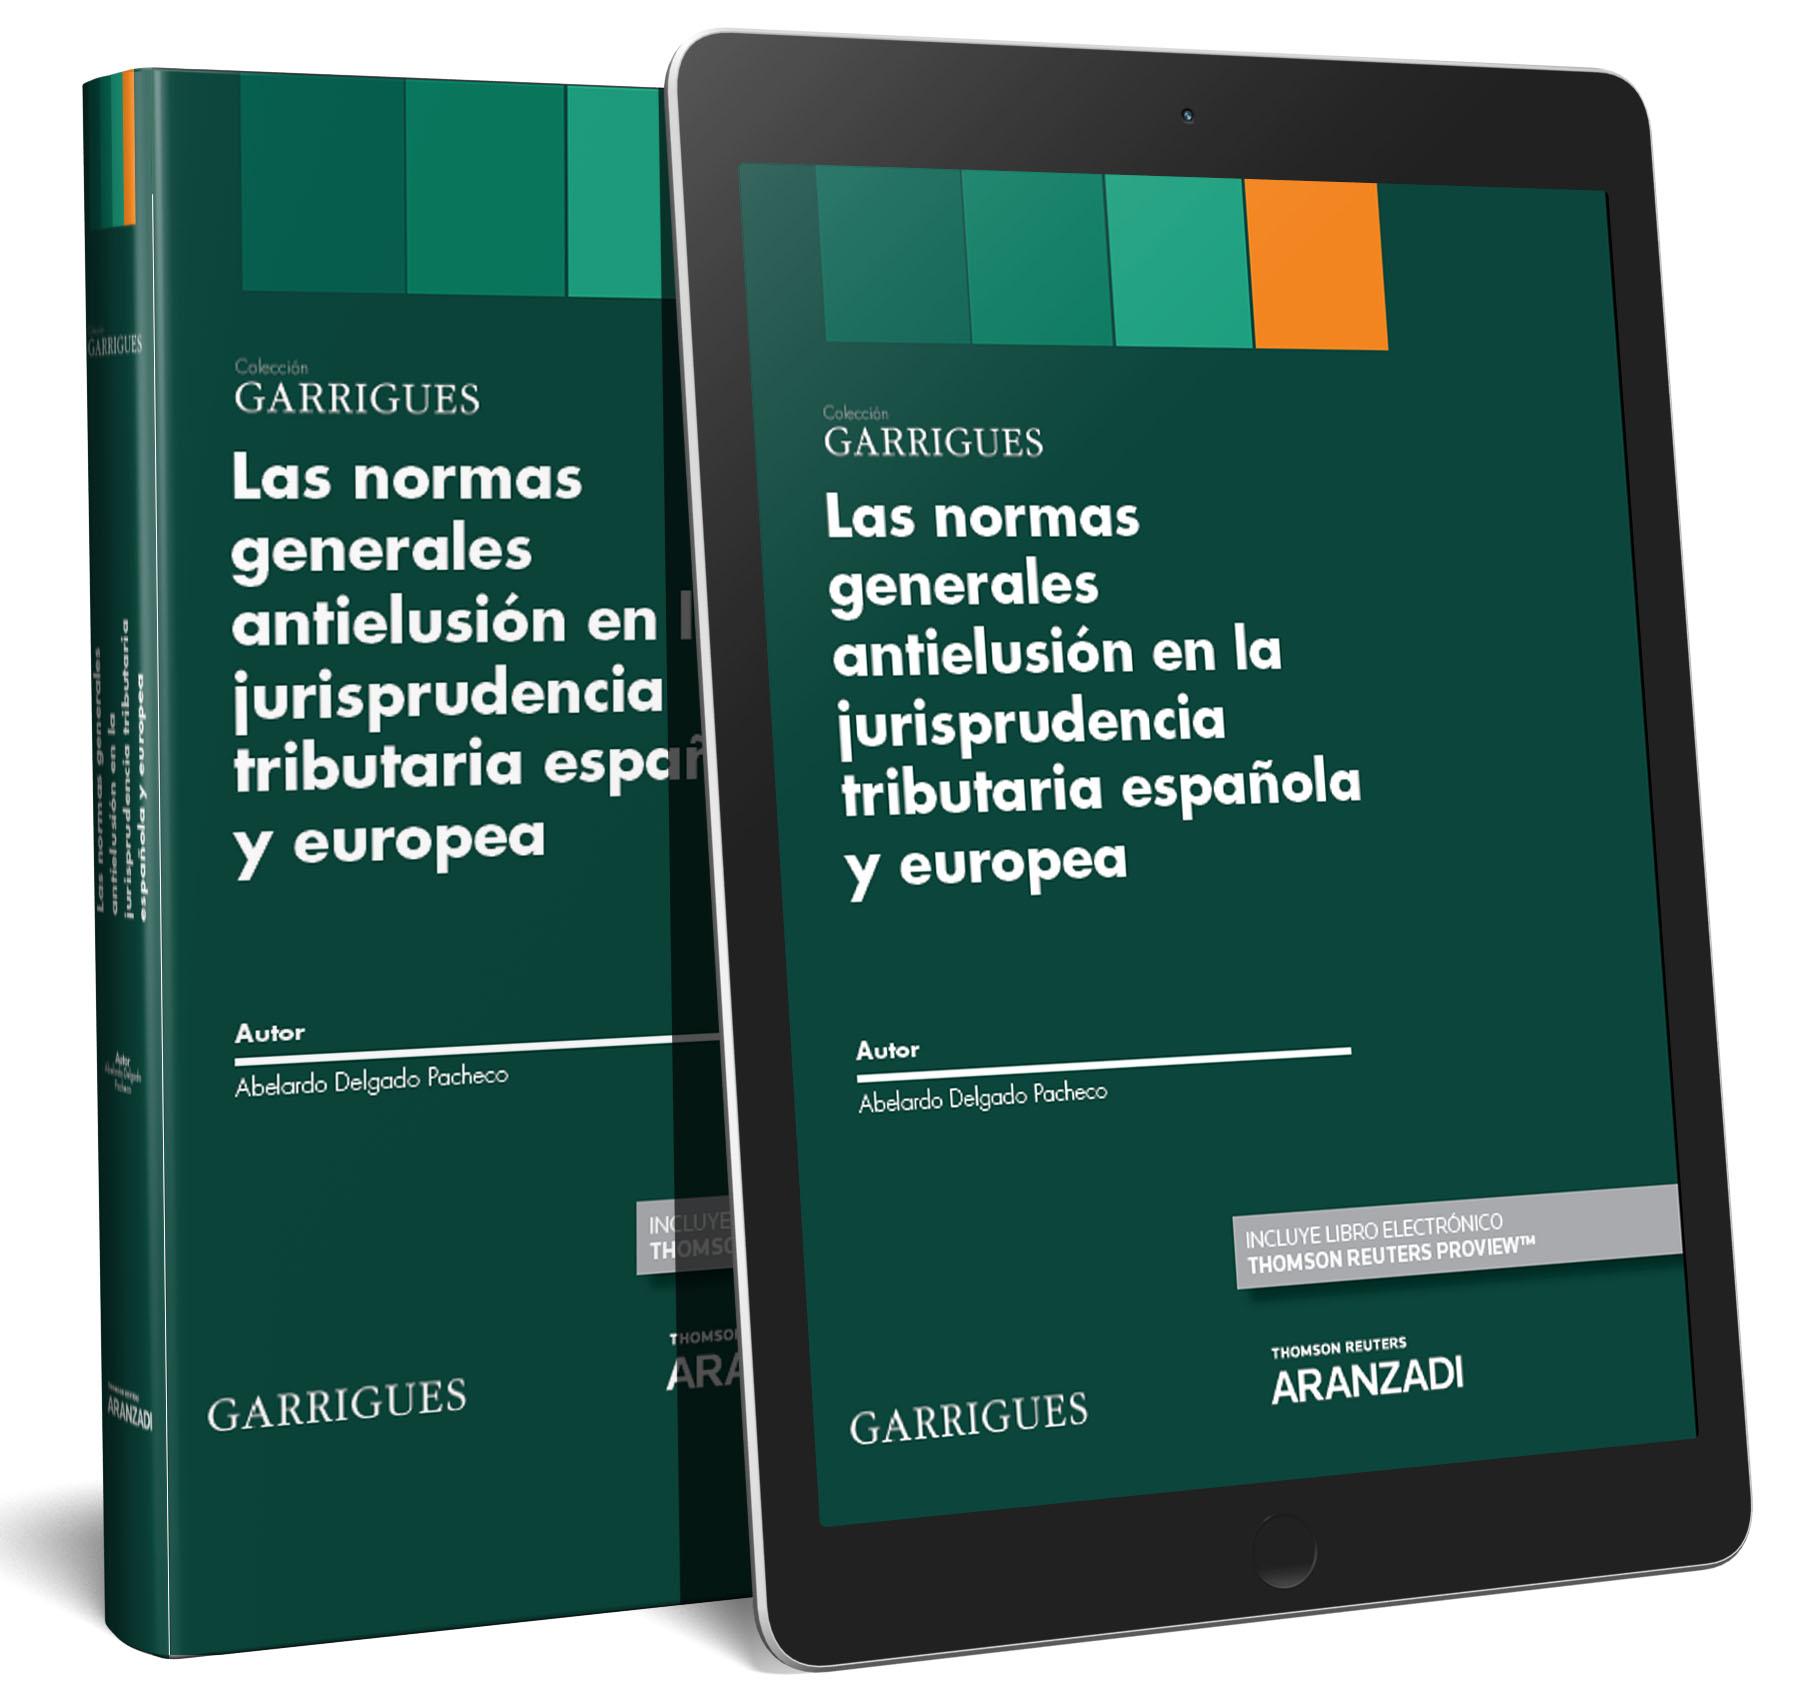 Las normas generales antielusión en la jurisprudencia tributaria española y europea (Papel + e-book)